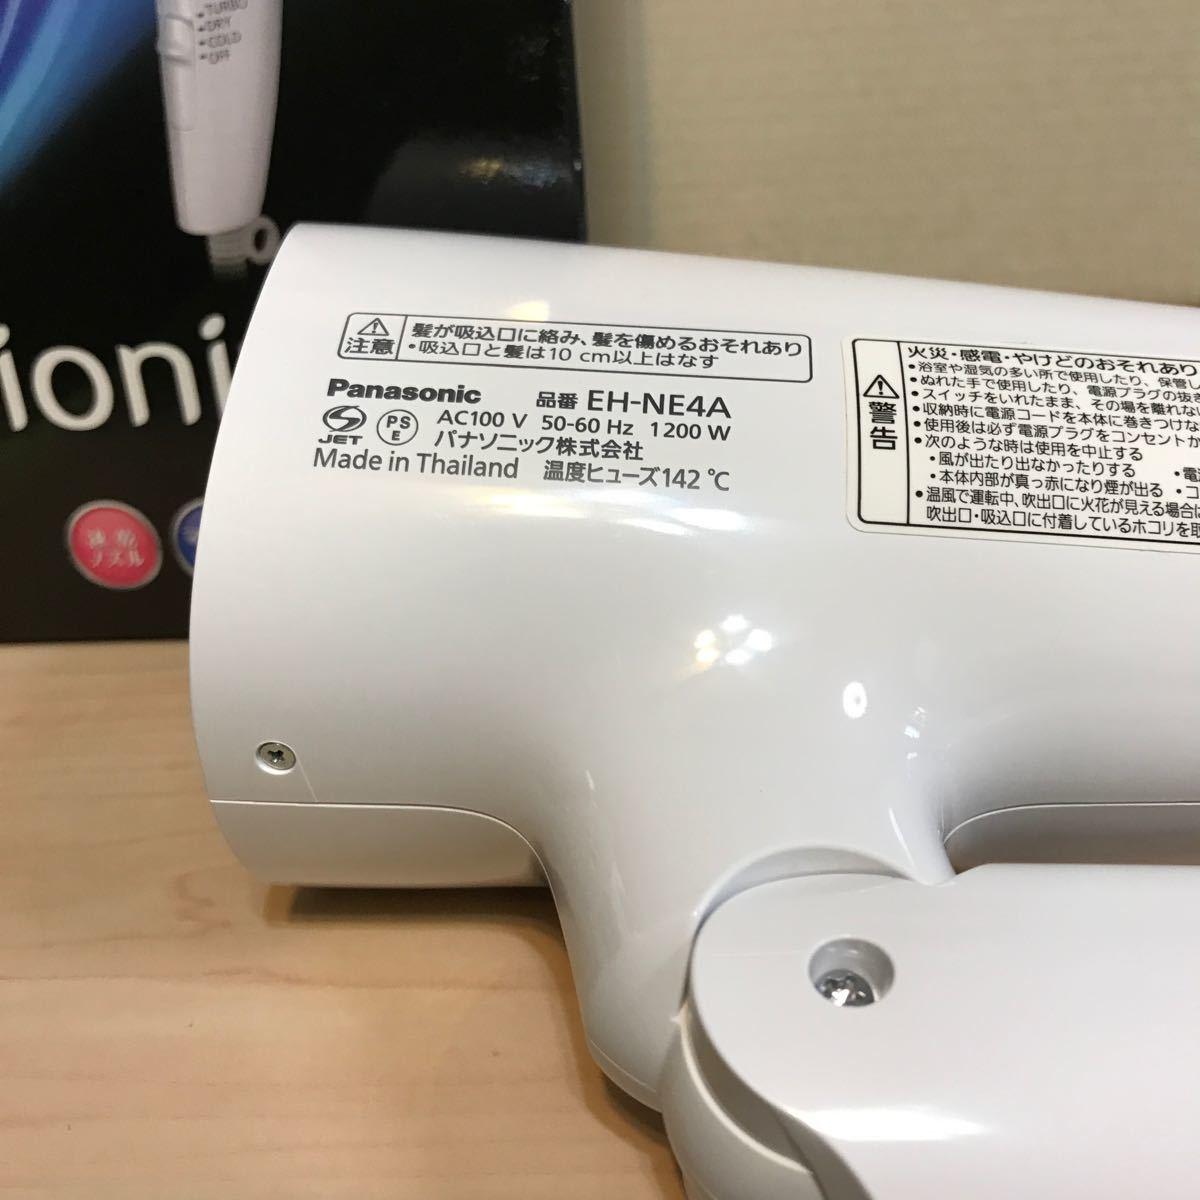 Panasonic ヘアドライヤー イオニティ EH-NA4A-PP(ペールピンク調)